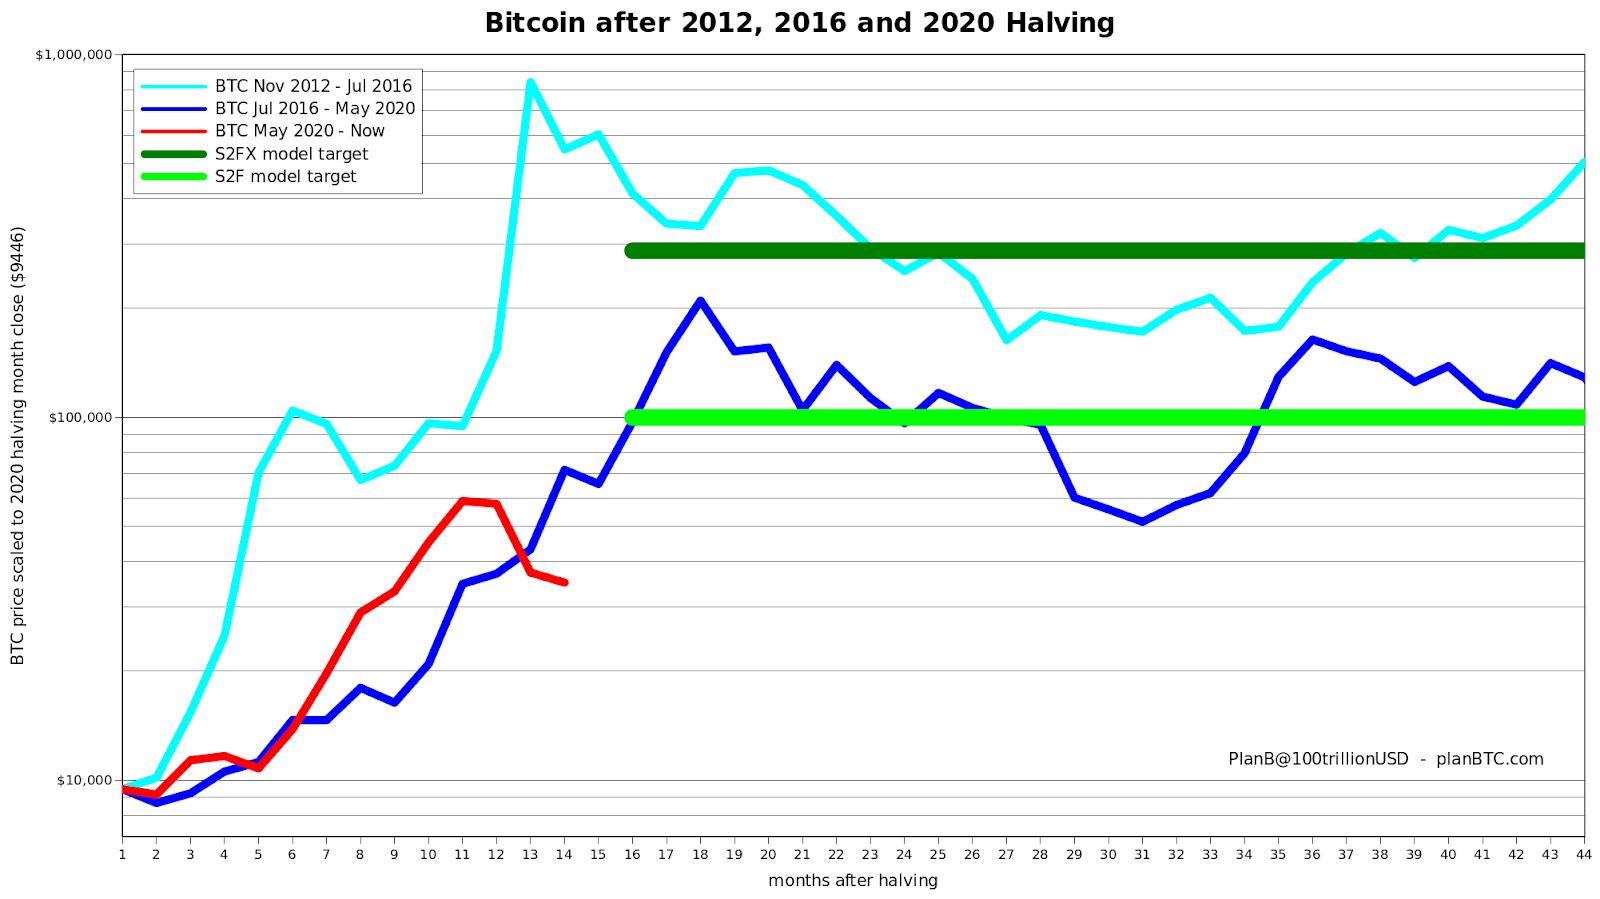 Preço do bitcoin em ciclos anteriores segundo modelo S2F